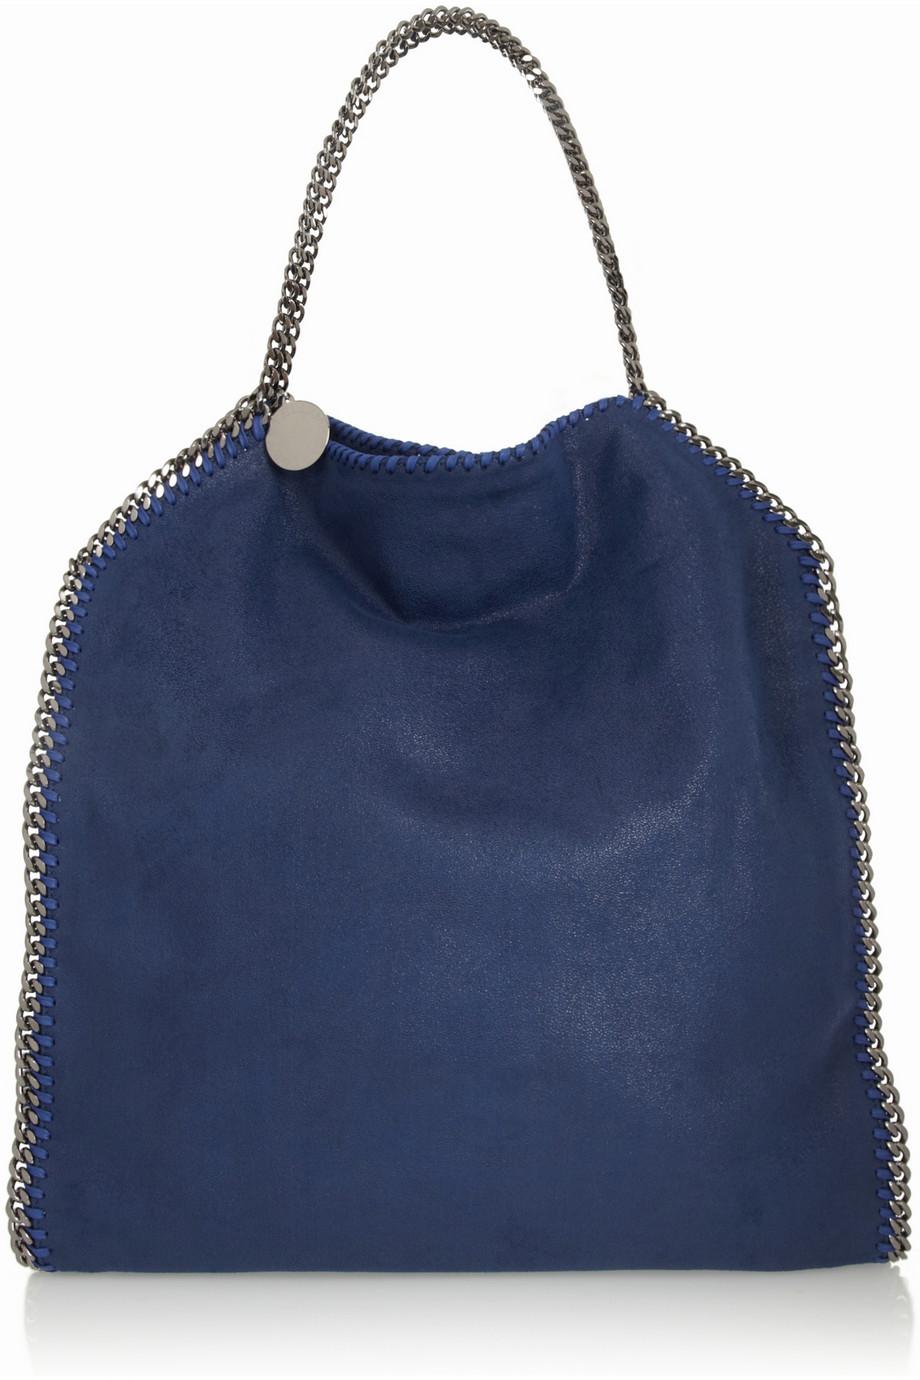 stella mccartney the falabella faux brushedleather shoulder bag in blue lyst. Black Bedroom Furniture Sets. Home Design Ideas